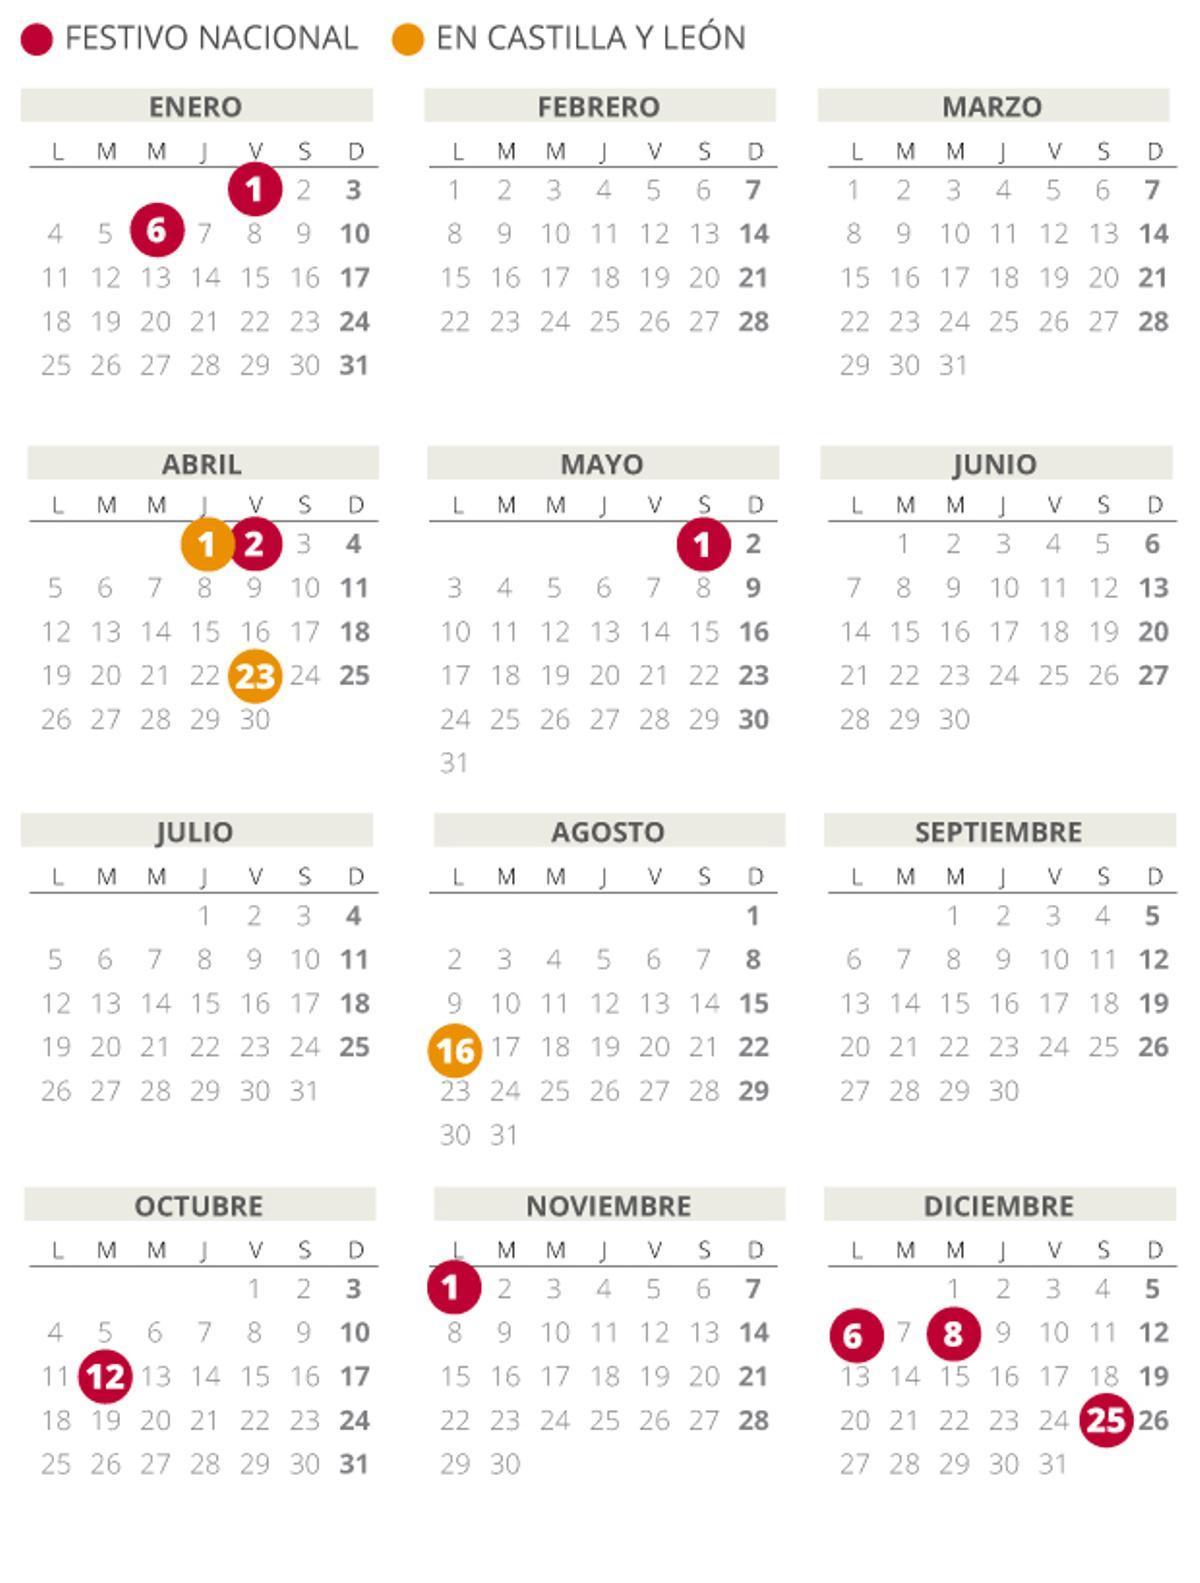 Calendario laboral Castilla y León 2021.